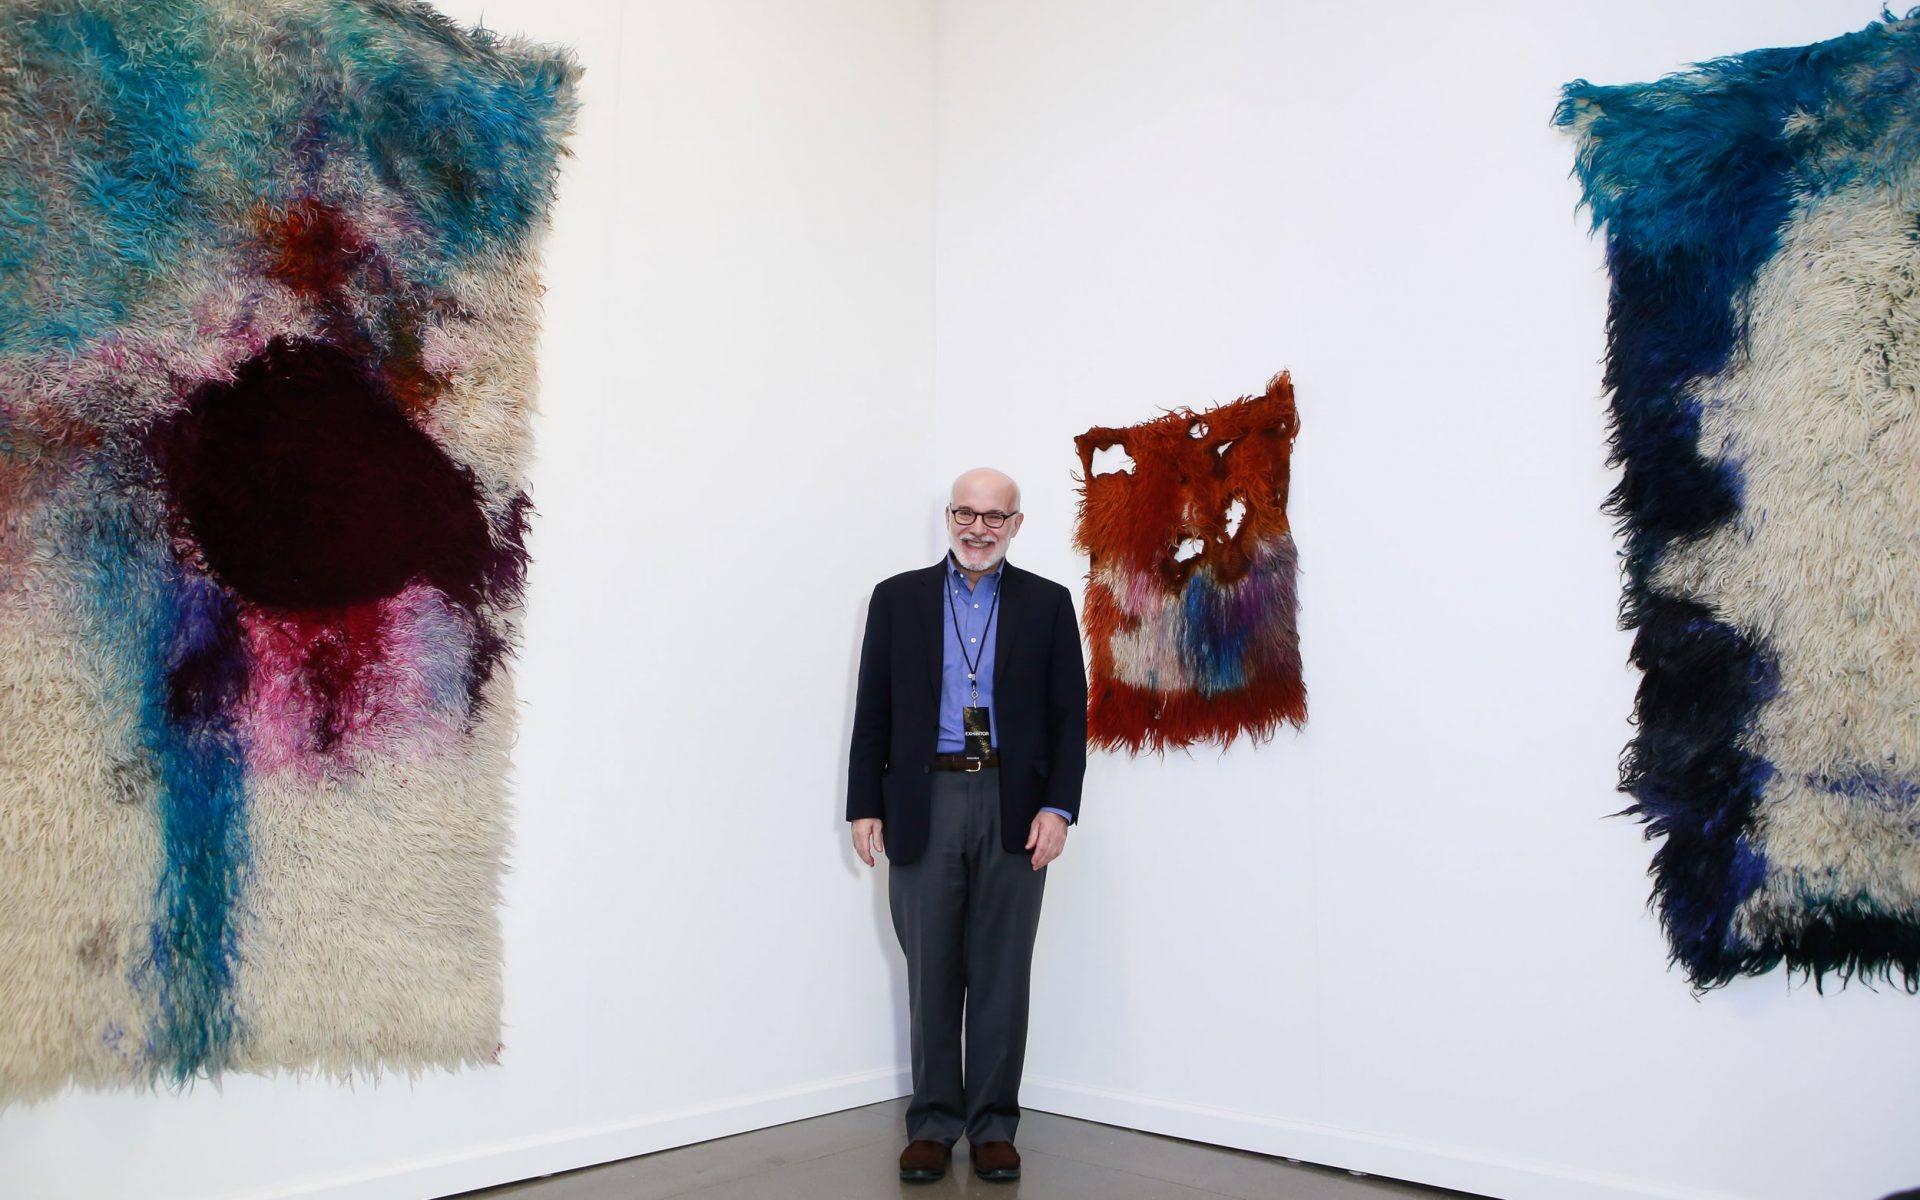 如果没有实体空间,画廊主和艺术经纪人该怎么经营艺术事业?